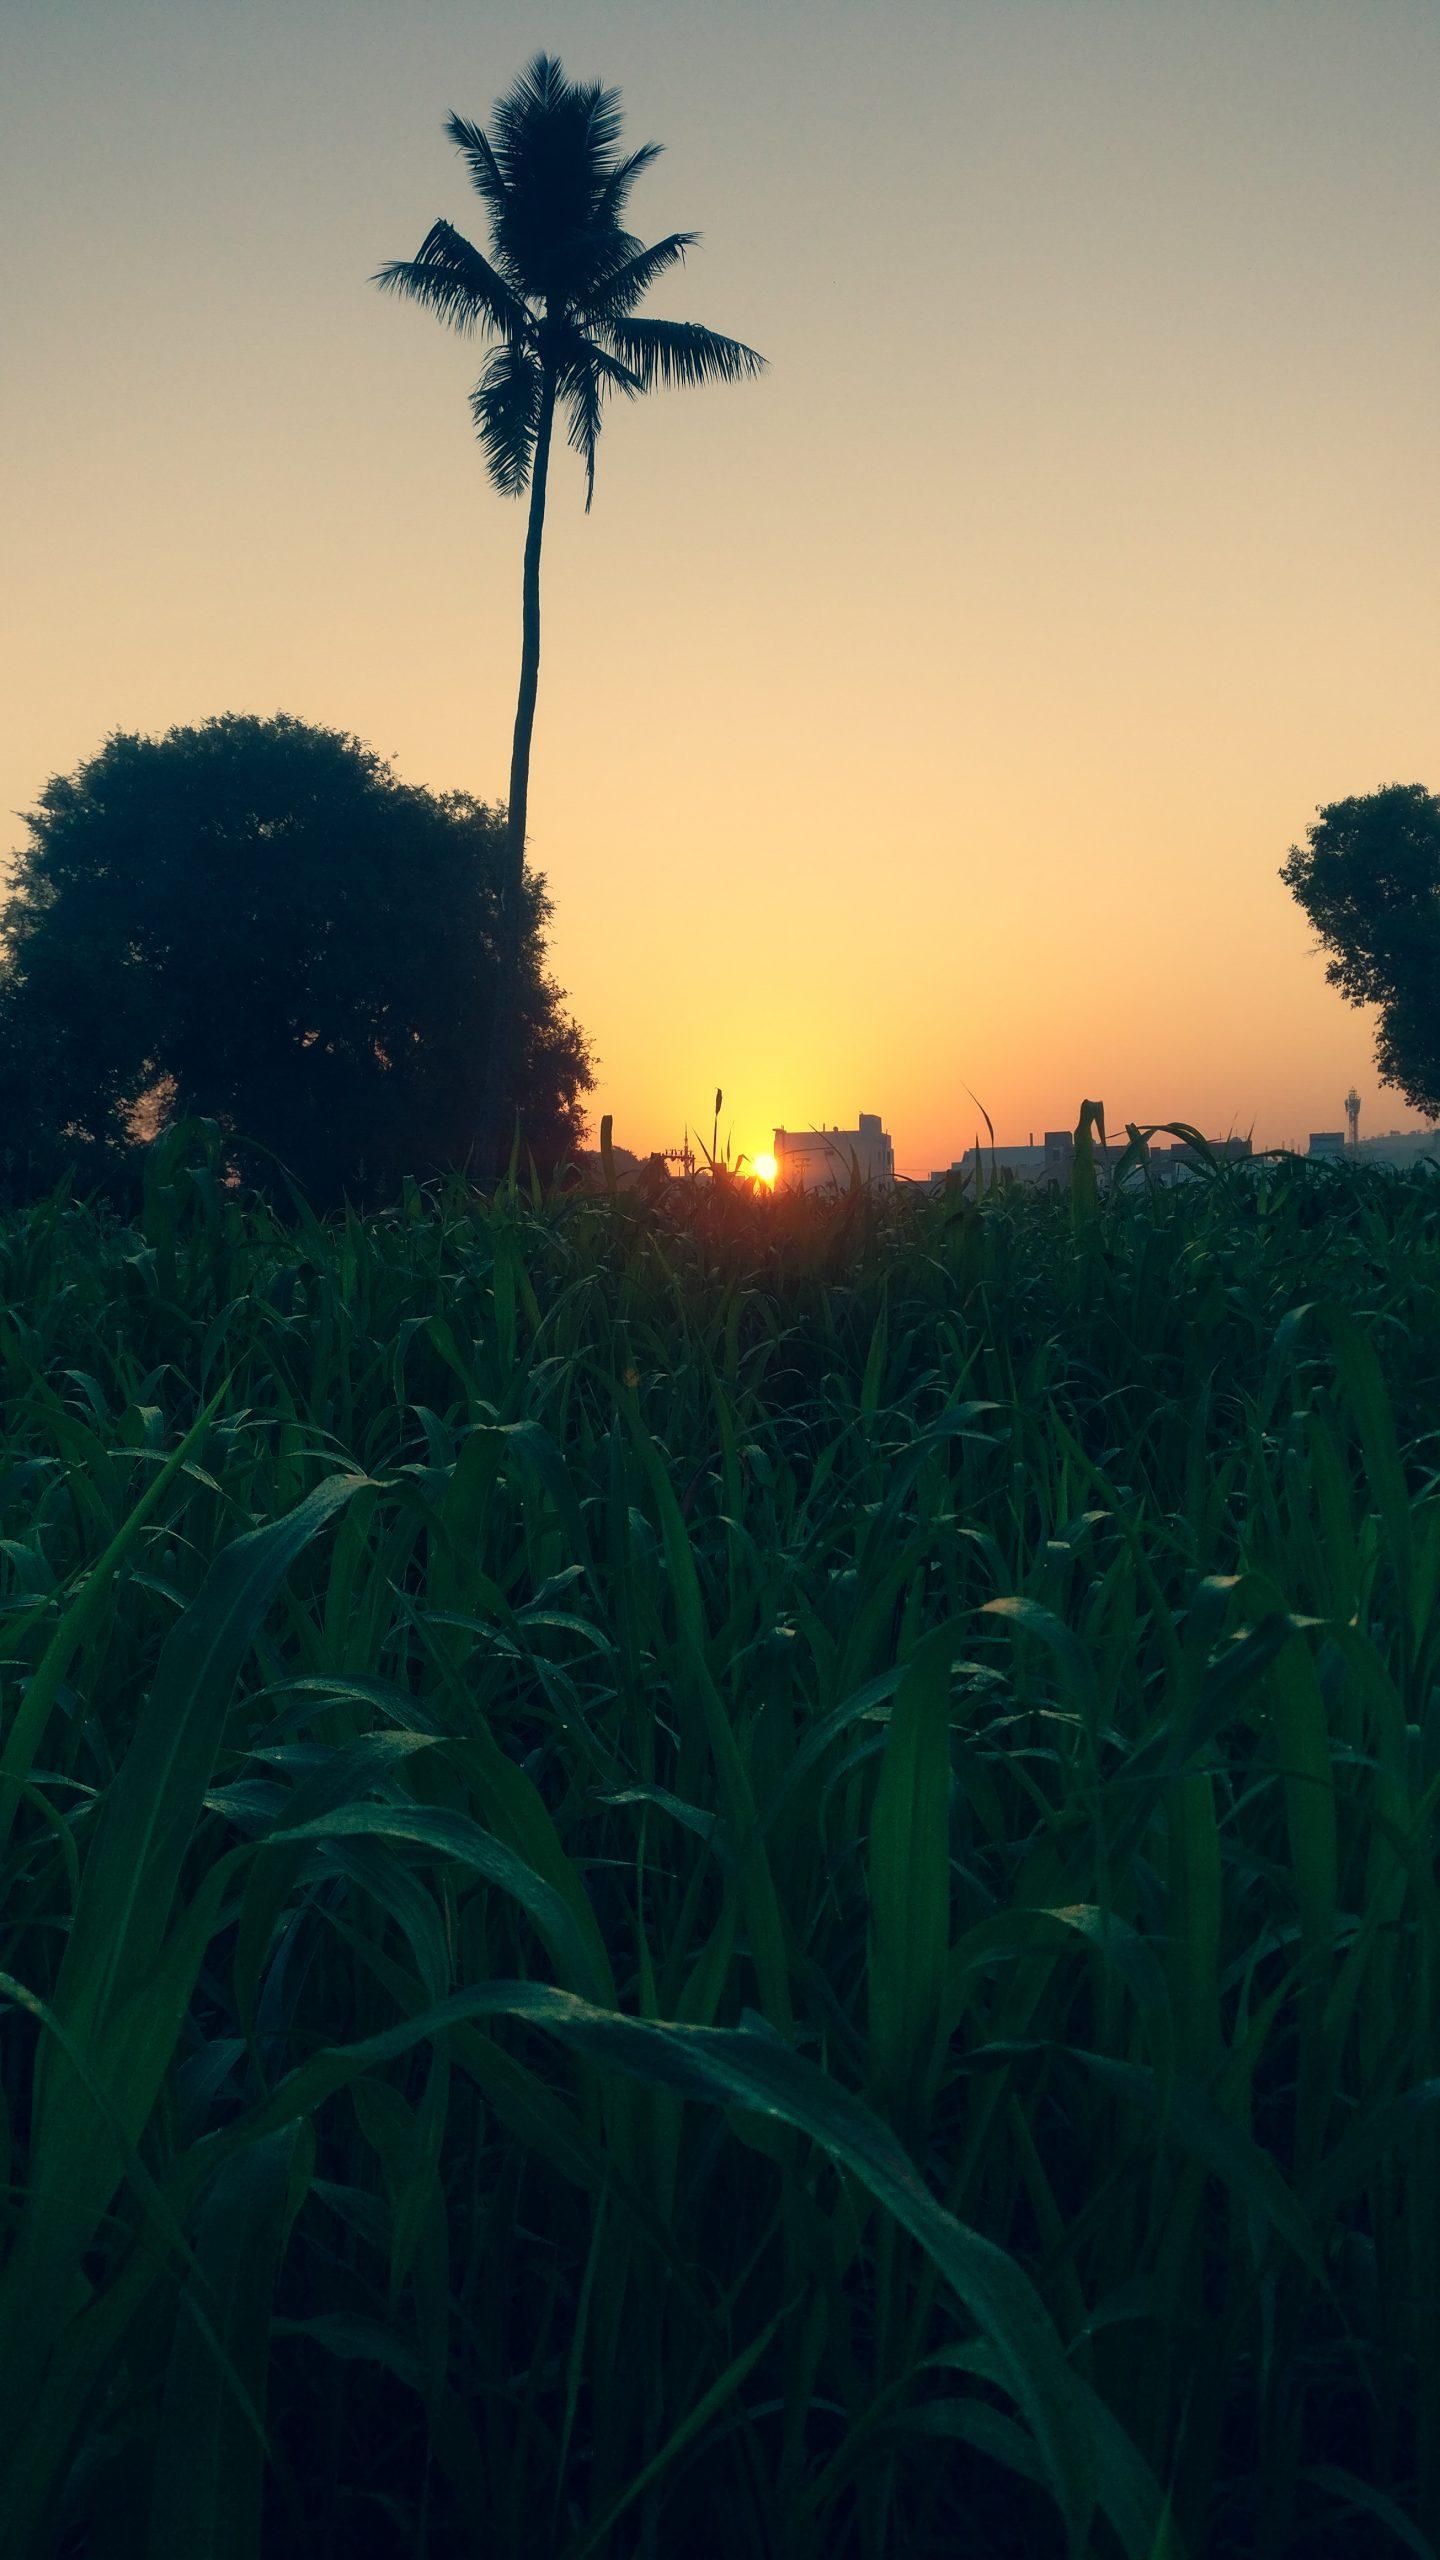 Sunset through a field